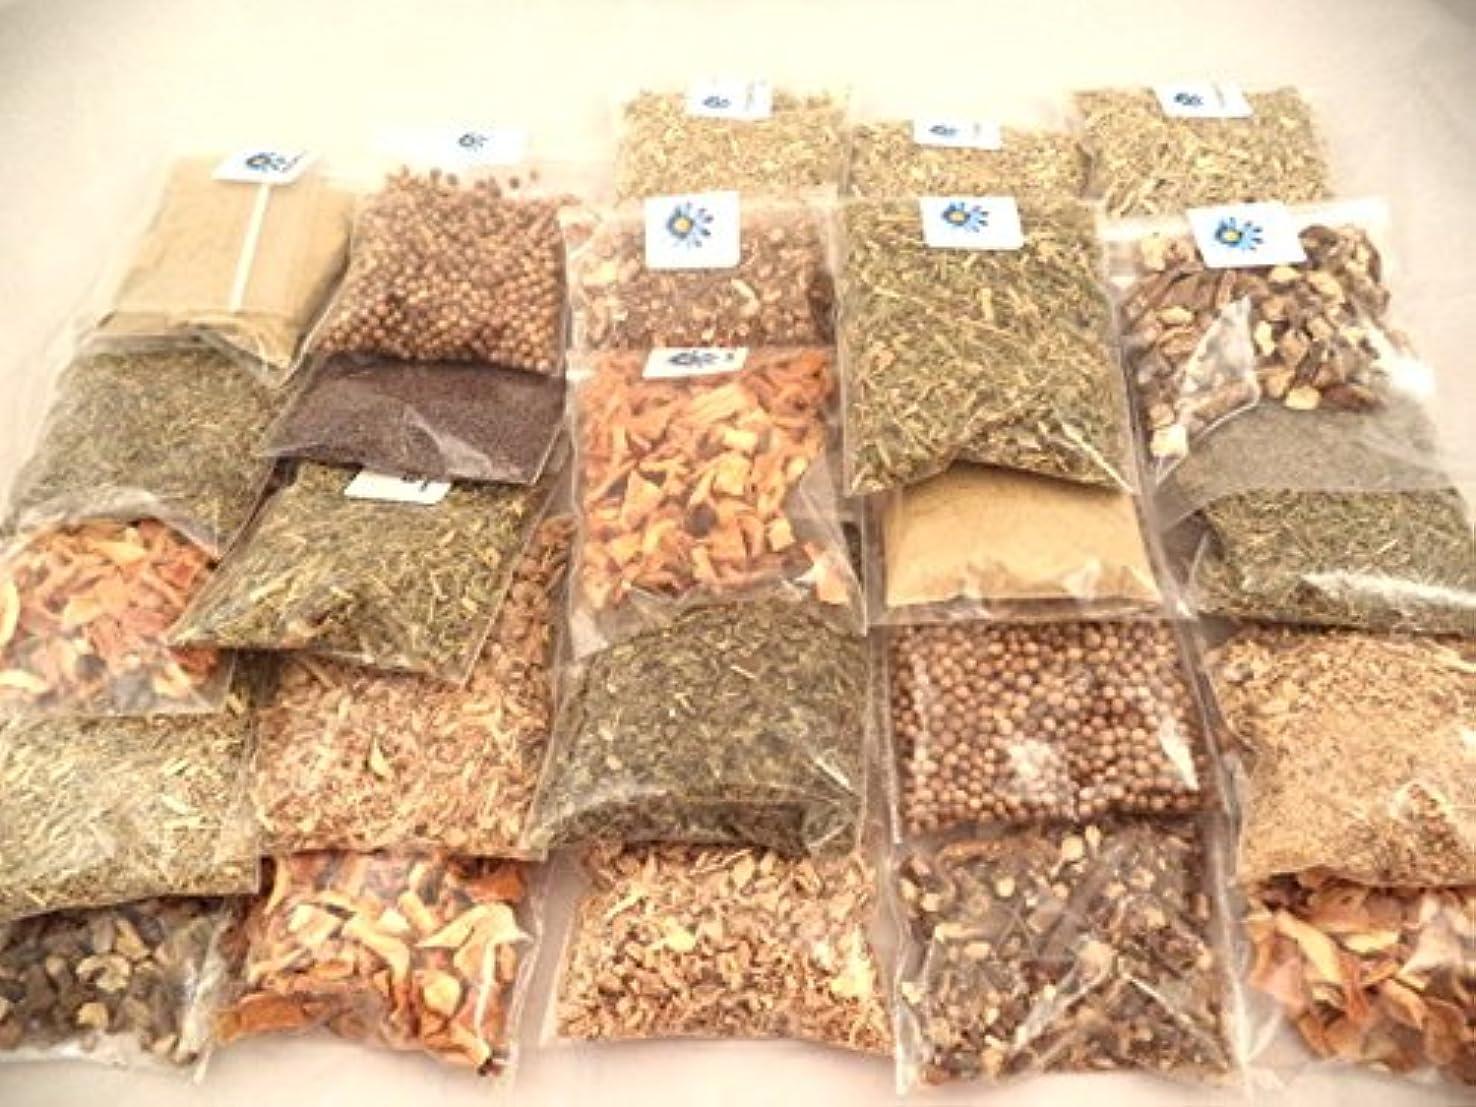 シャイニングコイルガジュマルSacred Tiger 35 HerbsサンプラーキットMetaphysical、ウィッカ、Pagan、Culinary、茶、Ritual